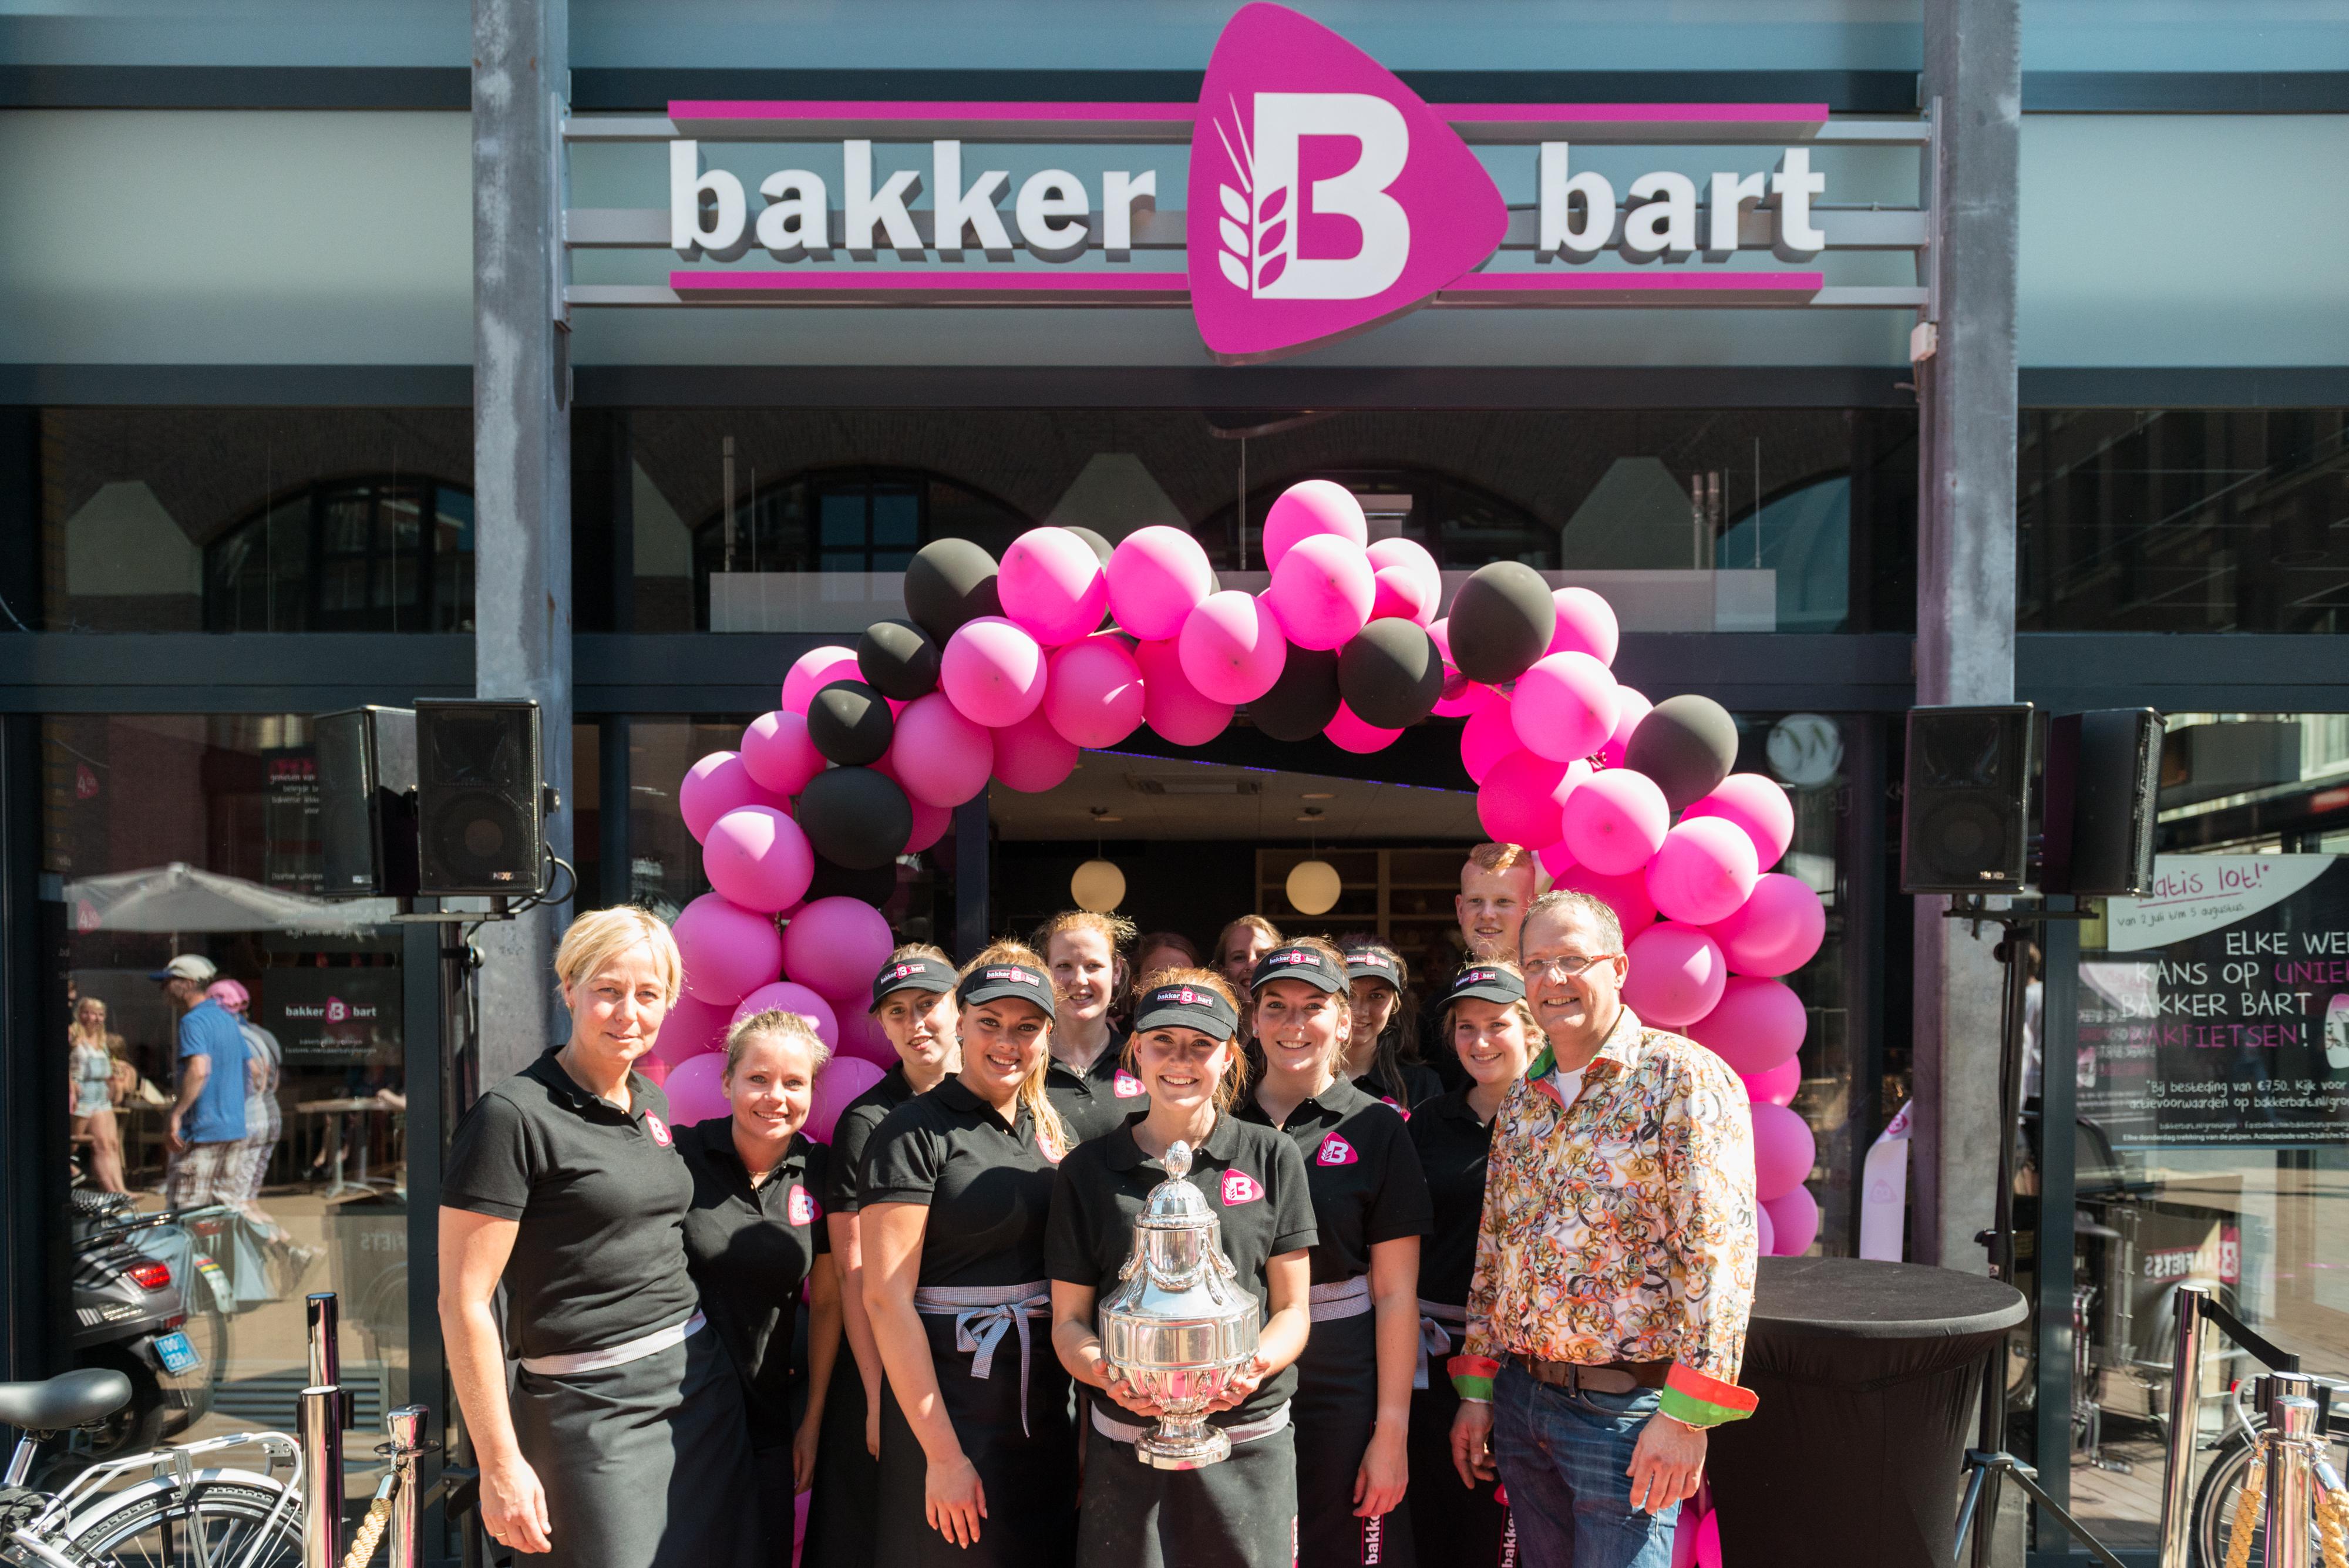 Bakker Bart aan de Grote Markt in Groningen is intensief verbouwd en dient tot voorbeeld voor toekomstig te openen en te verbouwen Bakker Bart-winkels. Bron: FranchiseFormules.NL